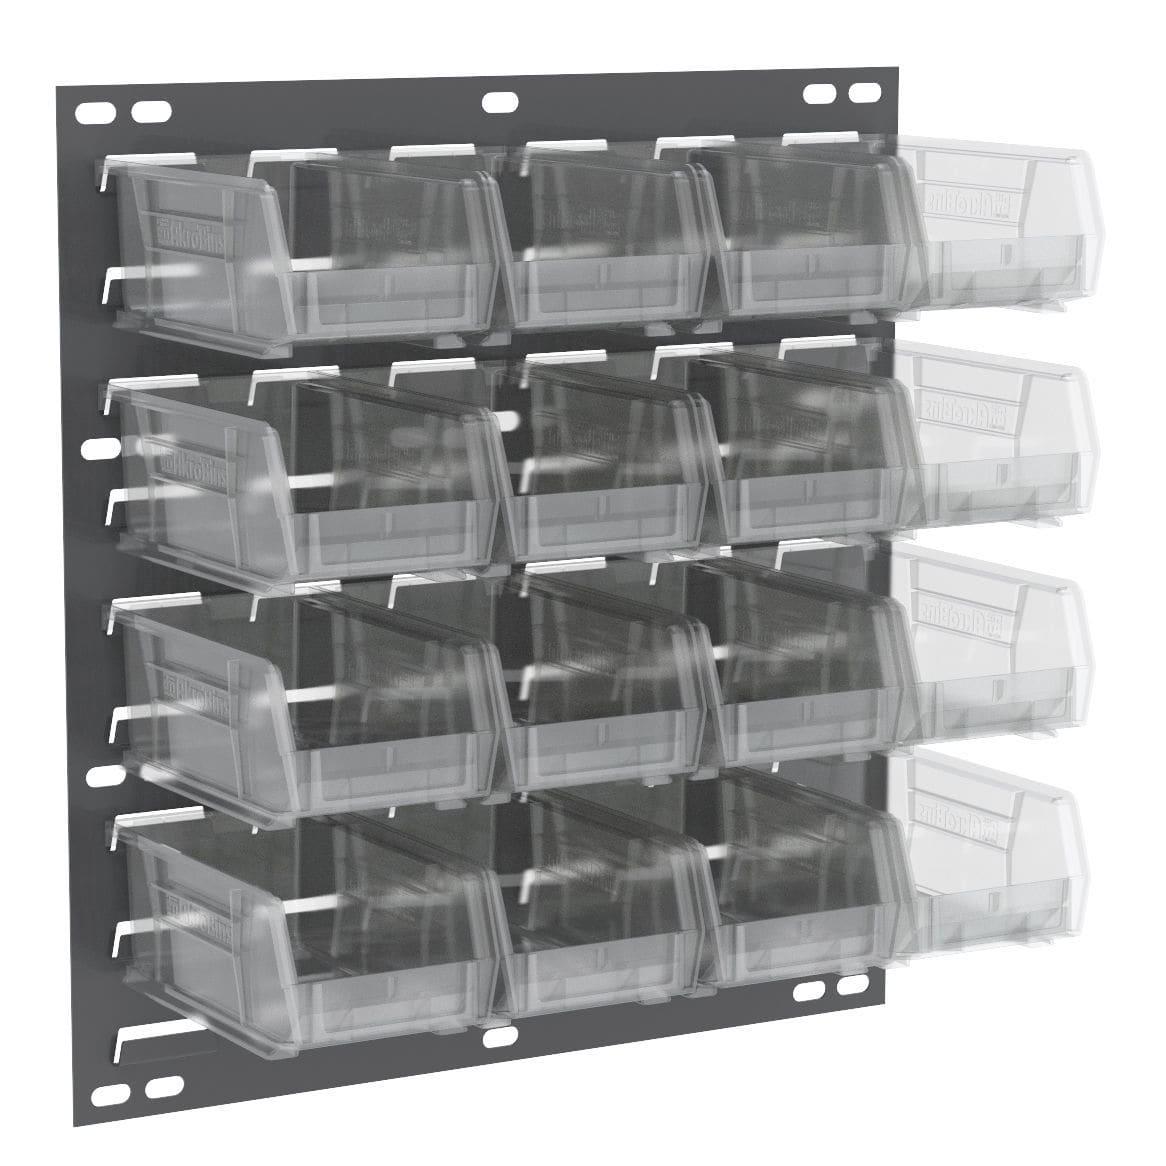 pannello perforato con cassette a bocca di lupo - 30618 - akro mils